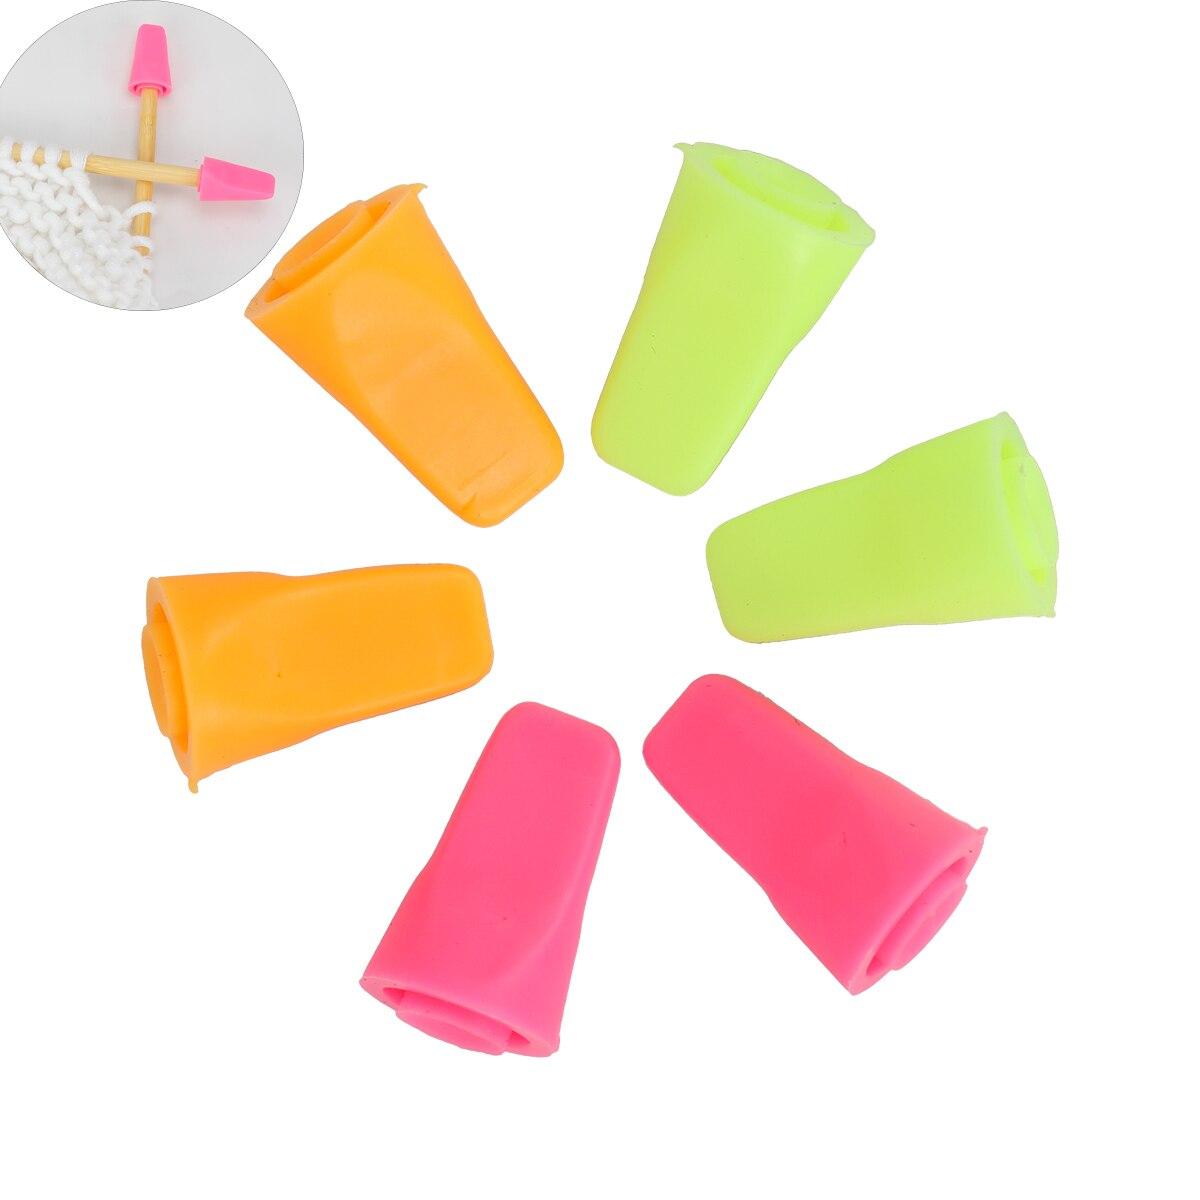 Bolsa de 6 unids/bolsa de goma, mezcla de colores, protectores para Punta de aguja de coser, tapón para puntas, tapa para agujas, accesorios para herramientas de costura